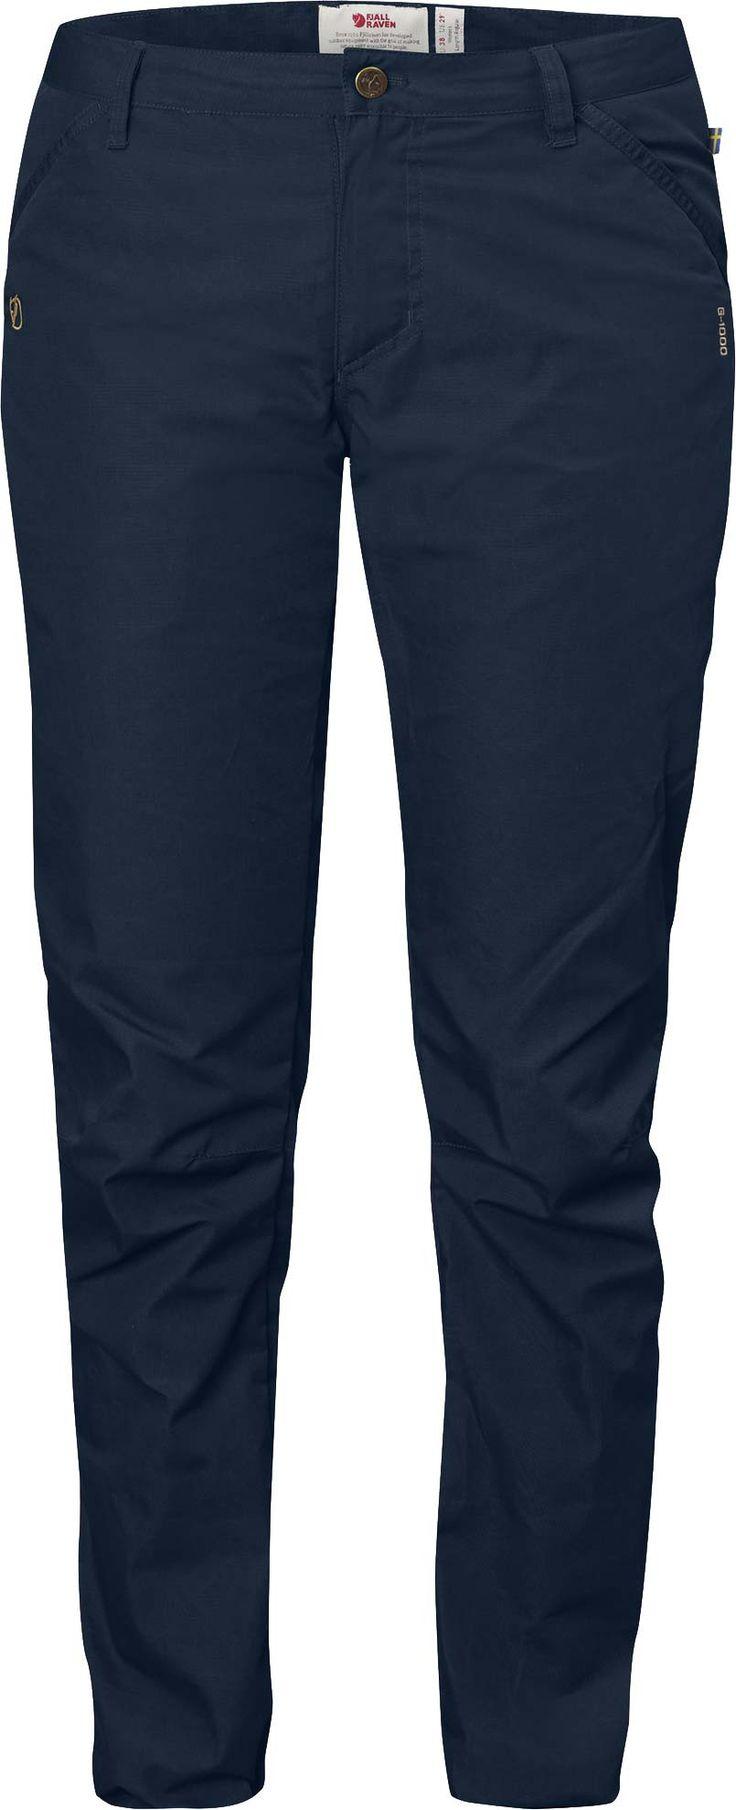 High Coast Trousers W